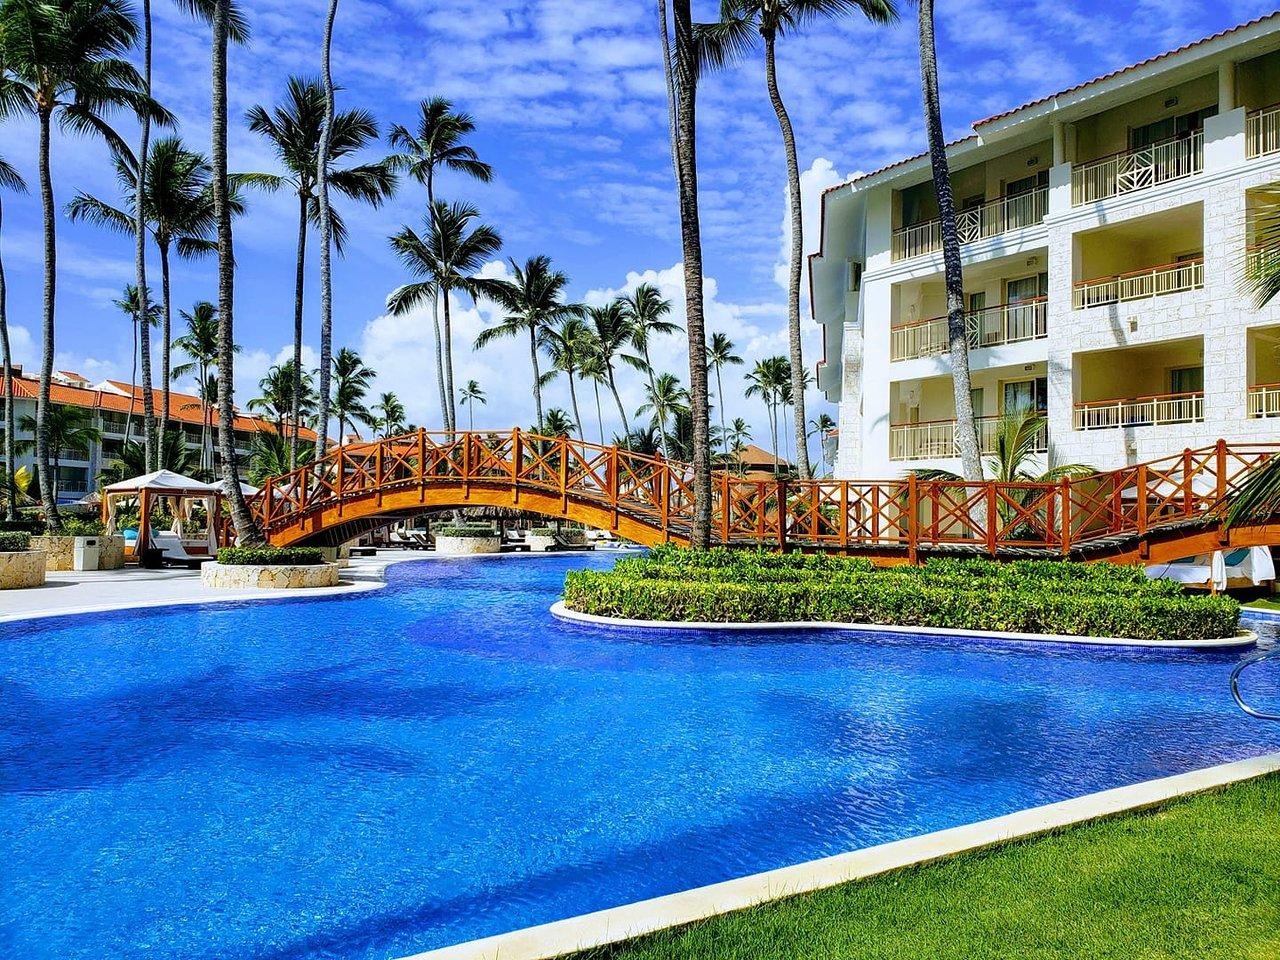 Los 10 mejores hoteles todo incluido de República Dominicana en 2020 -  Tripadvisor